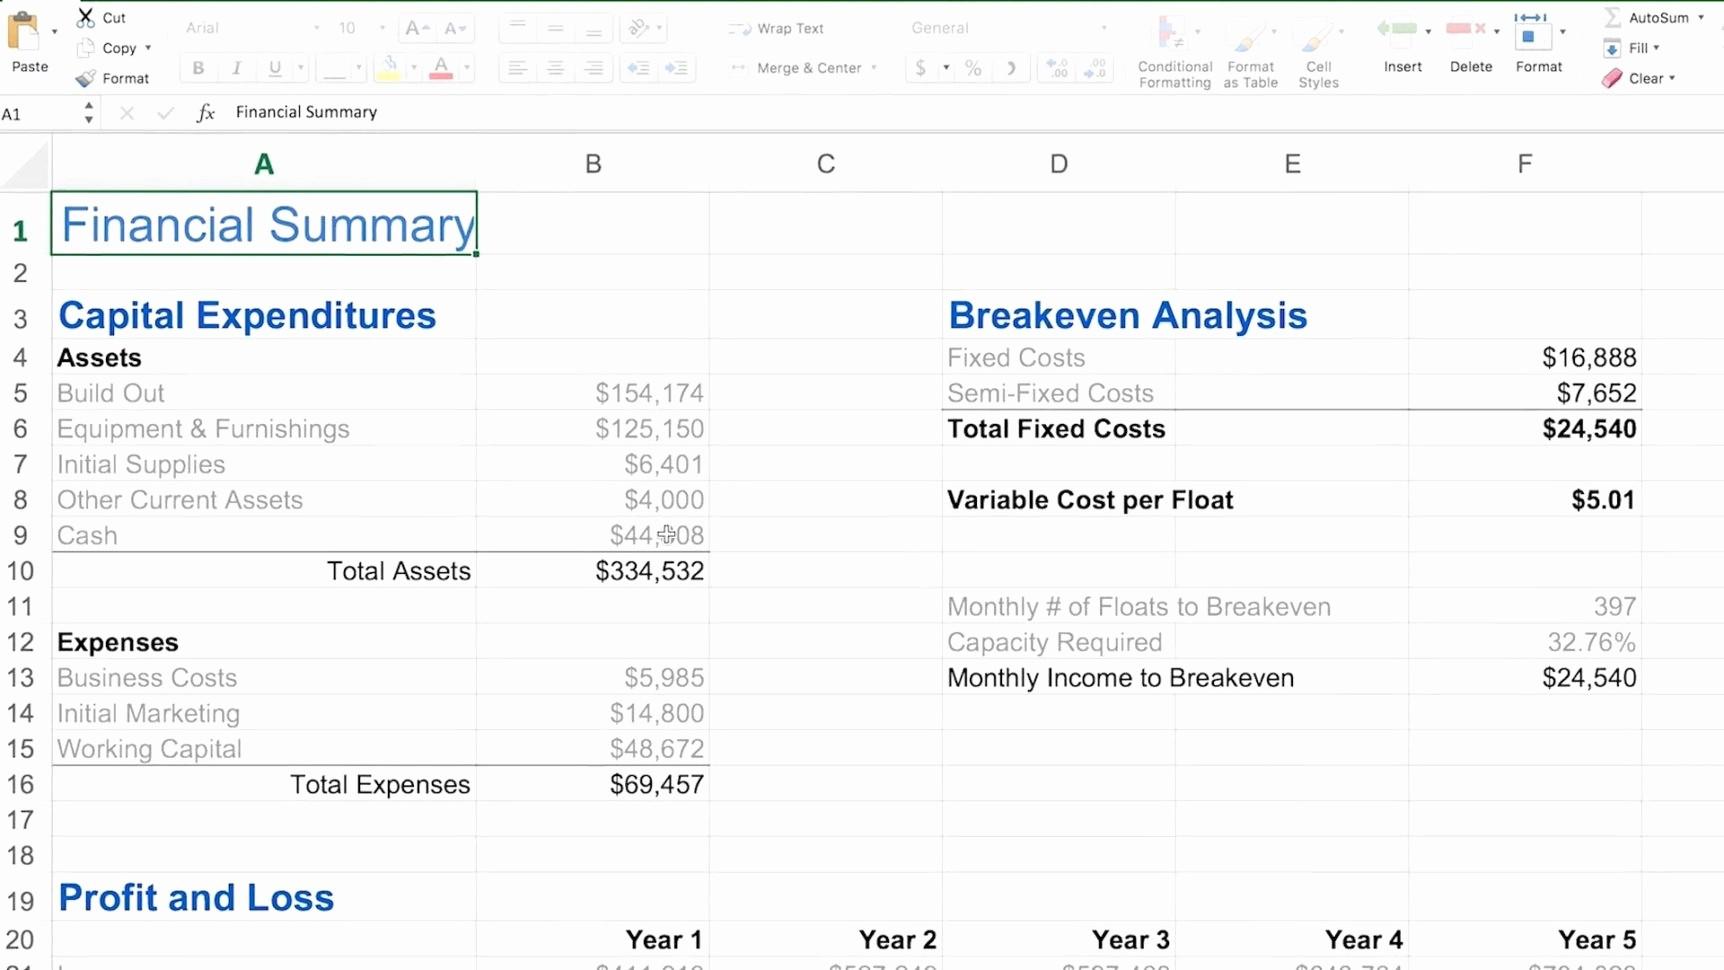 Business Plan Financial Plan Template New Business Plan Financial Template Expense Spreadshee